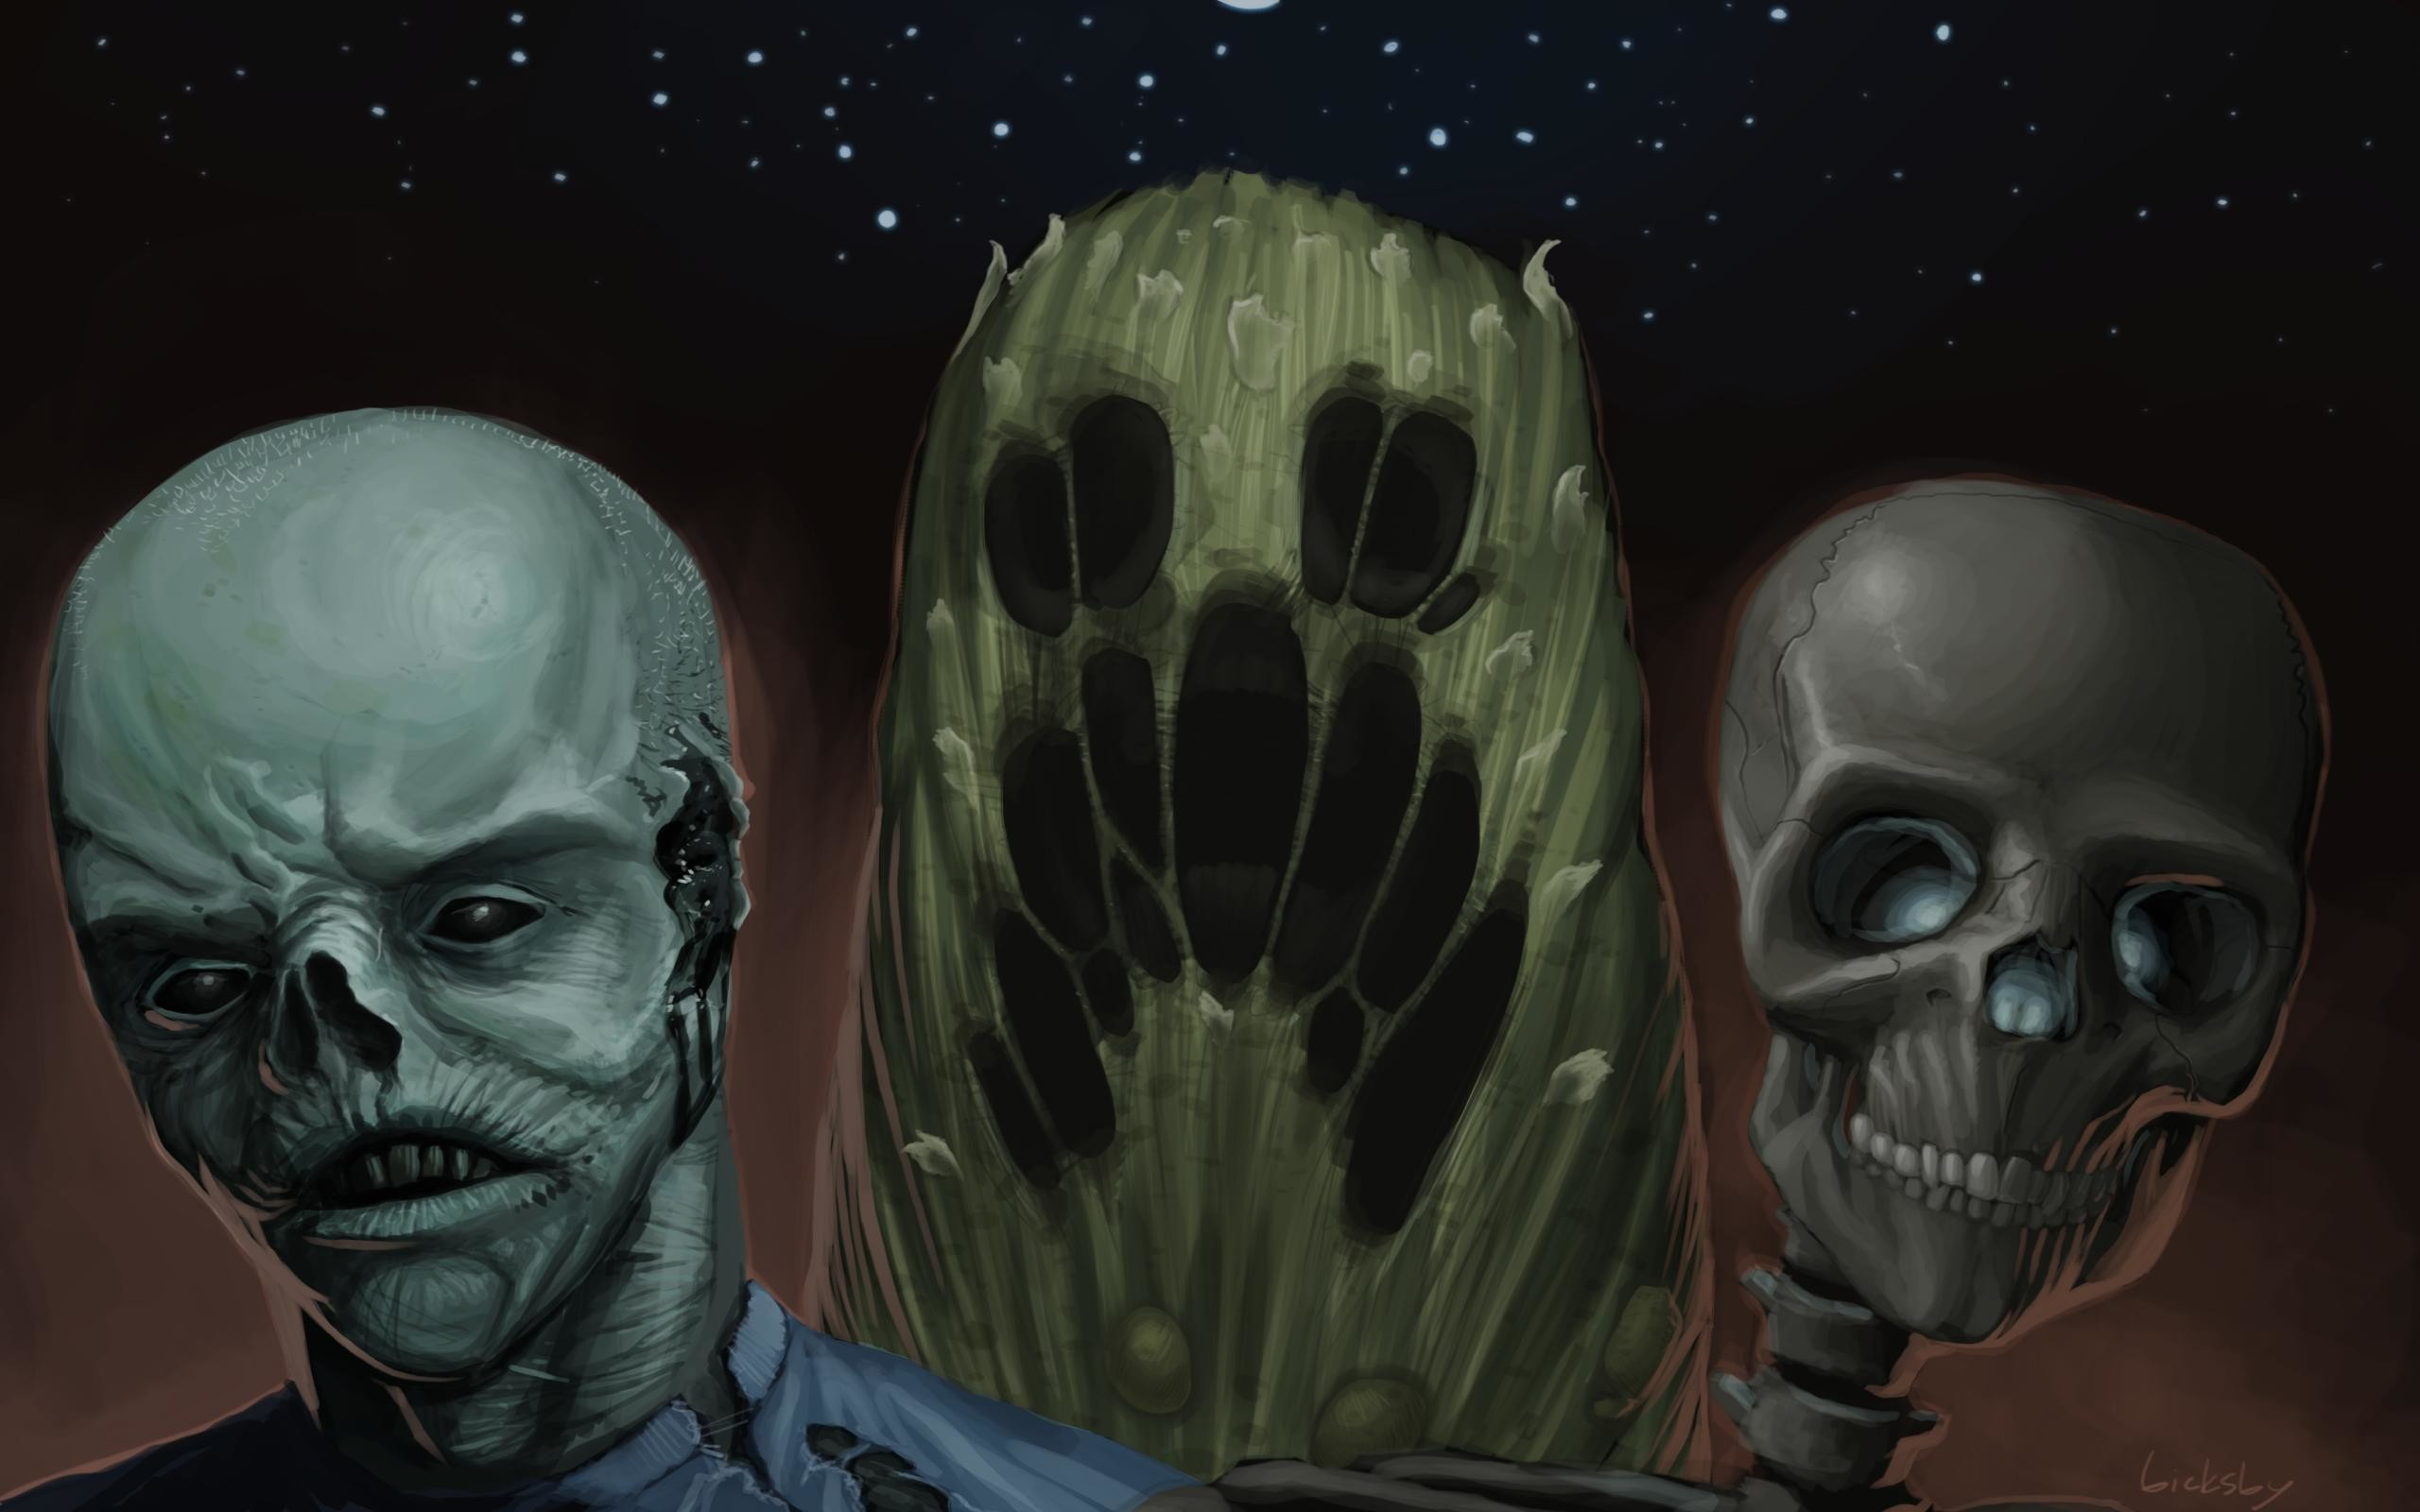 Майнкрафт в реальной жизни картинки скелет